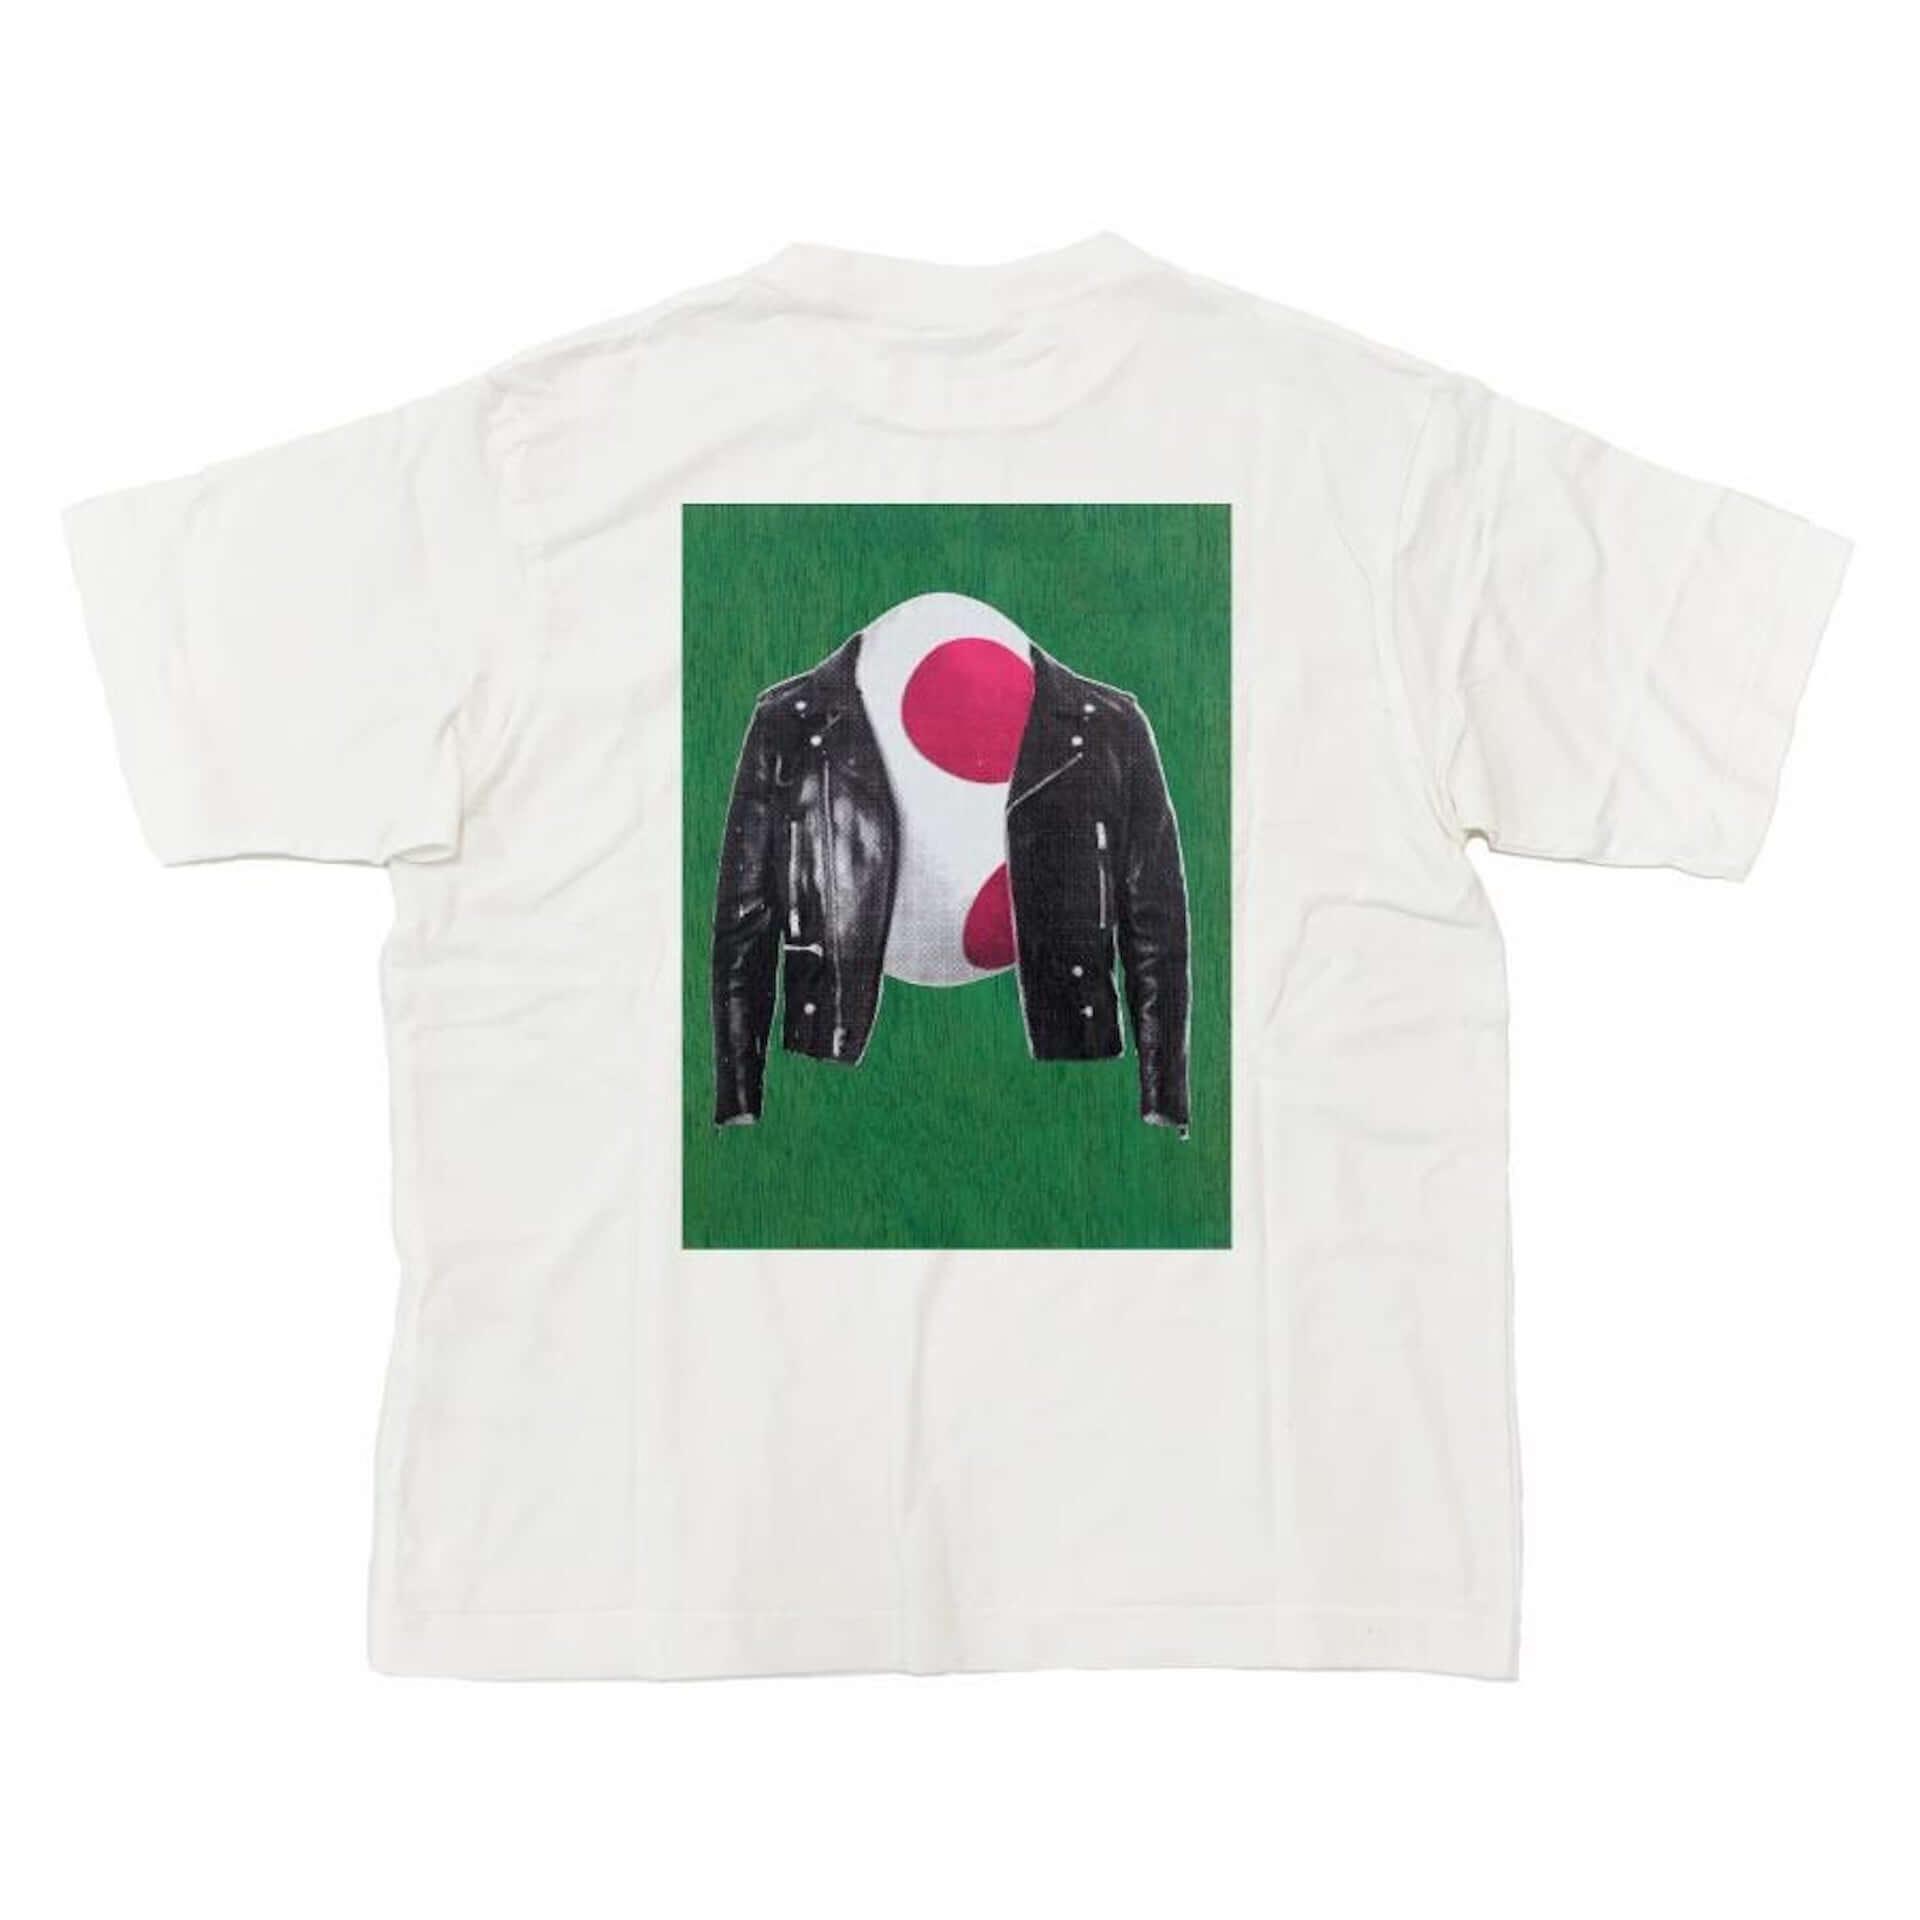 山口はるみ、空山基も参加!NANZUKA<GLOBAL POP UNDERGROUND>の限定Tシャツがリリース|オンライン展示も開始 art200715_parco_gpu_6-1920x1920